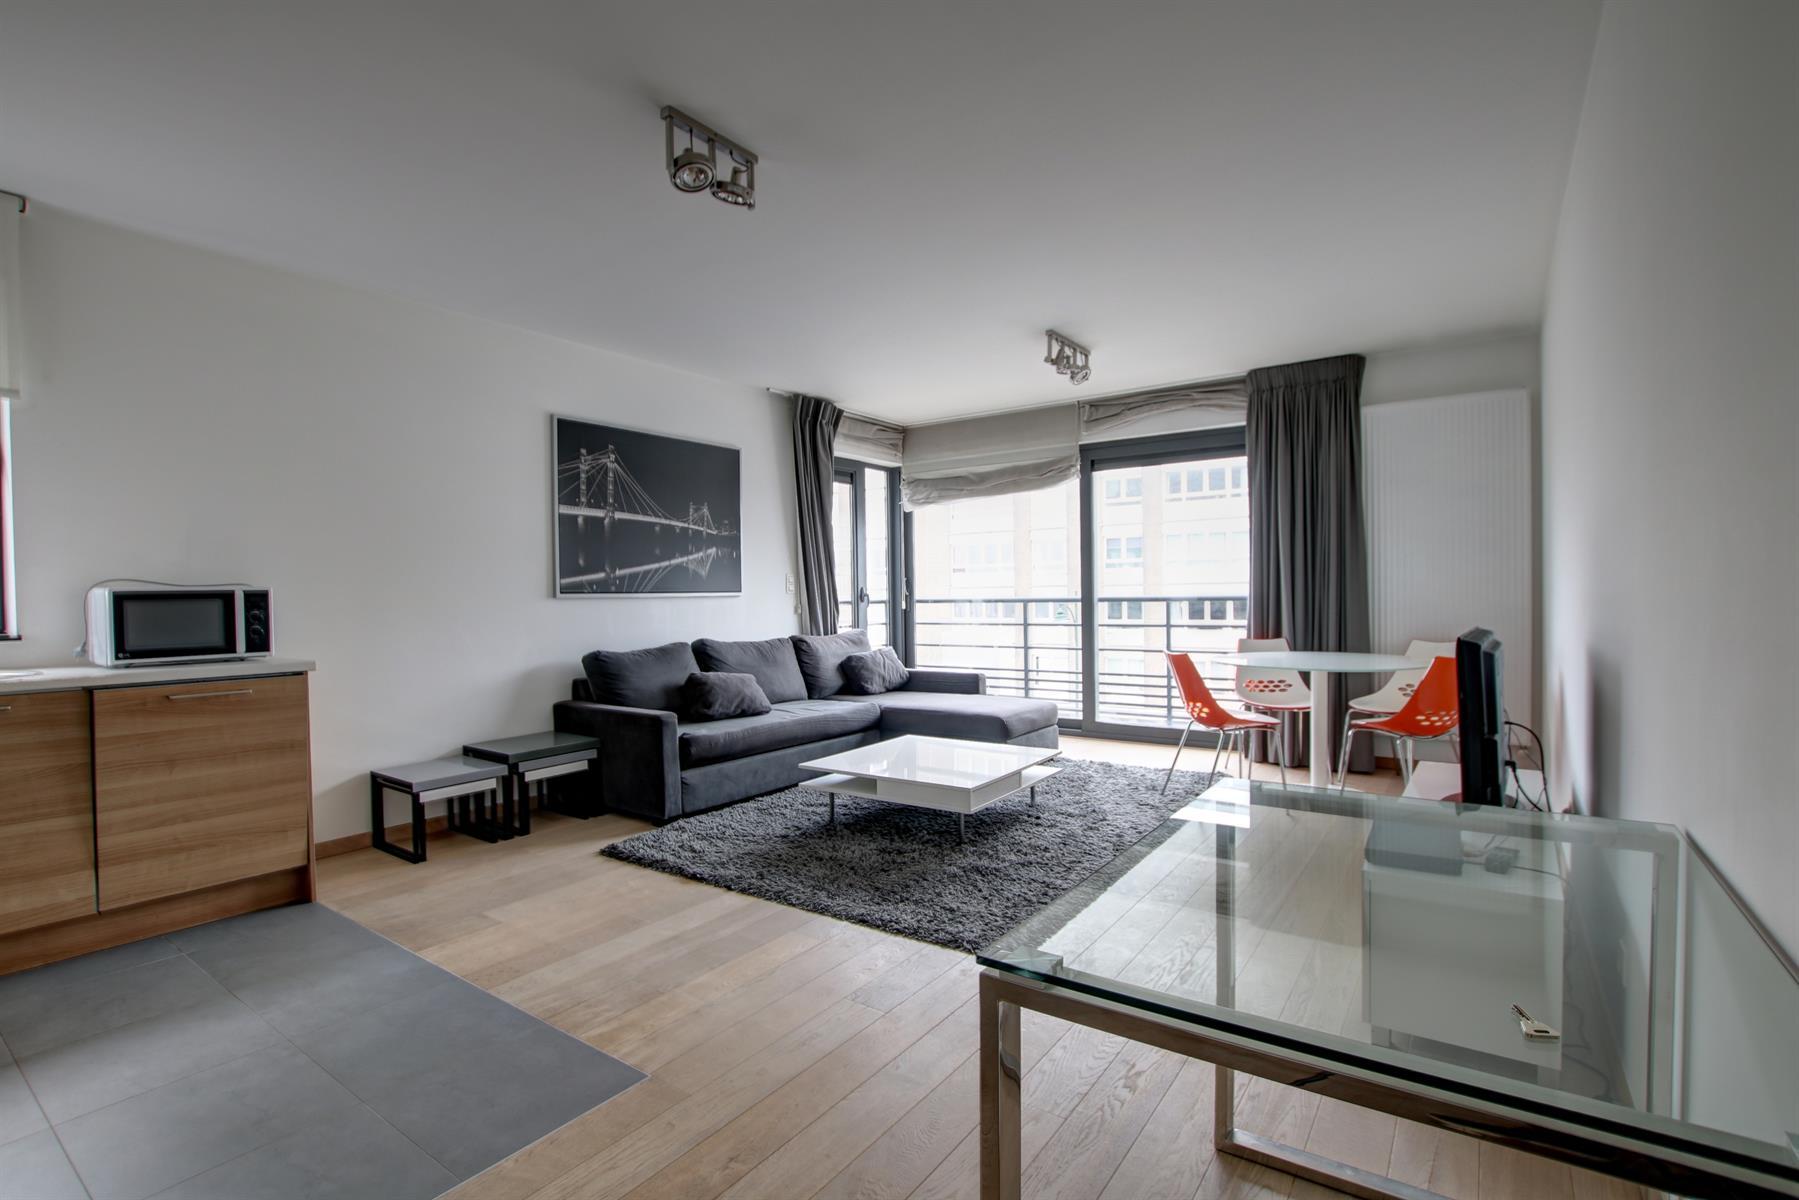 Flat - Ixelles - #4251196-1